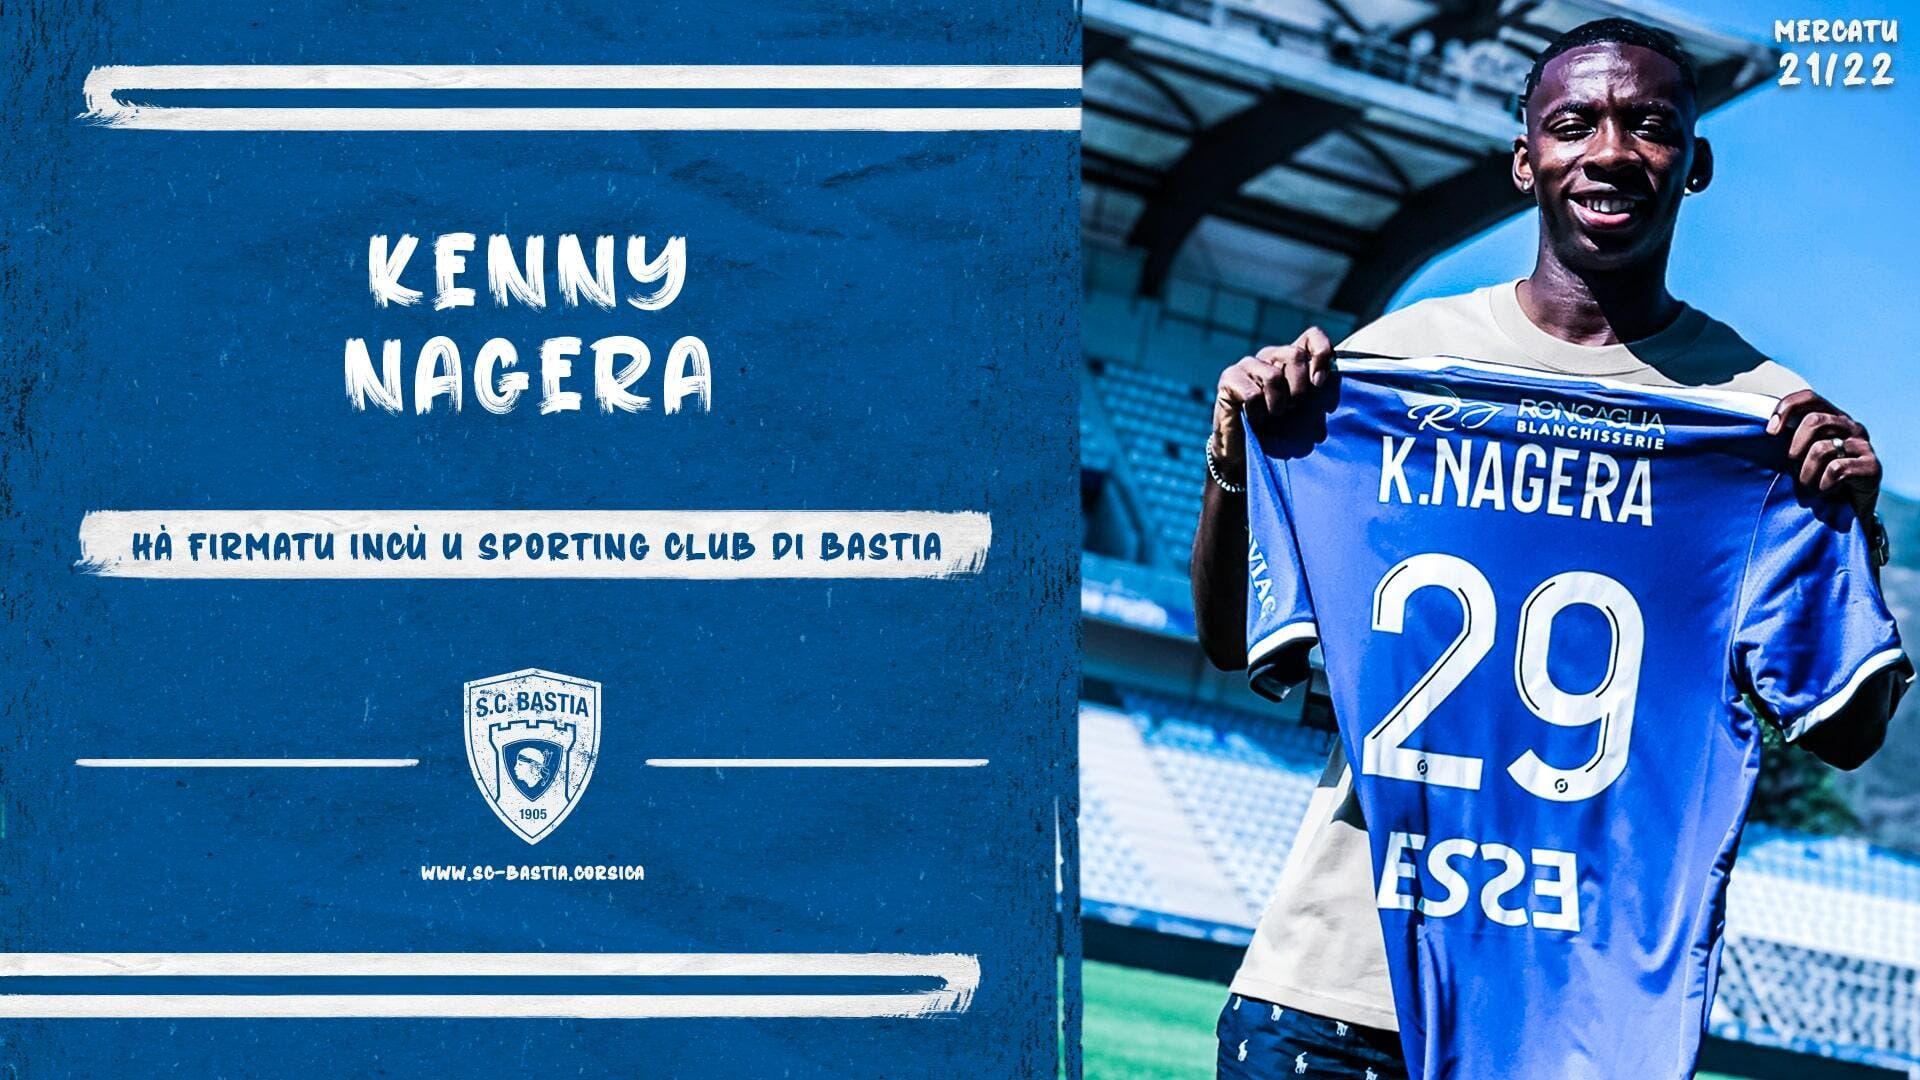 Officiel : Le PSG prête Kenny Nagera à Bastia